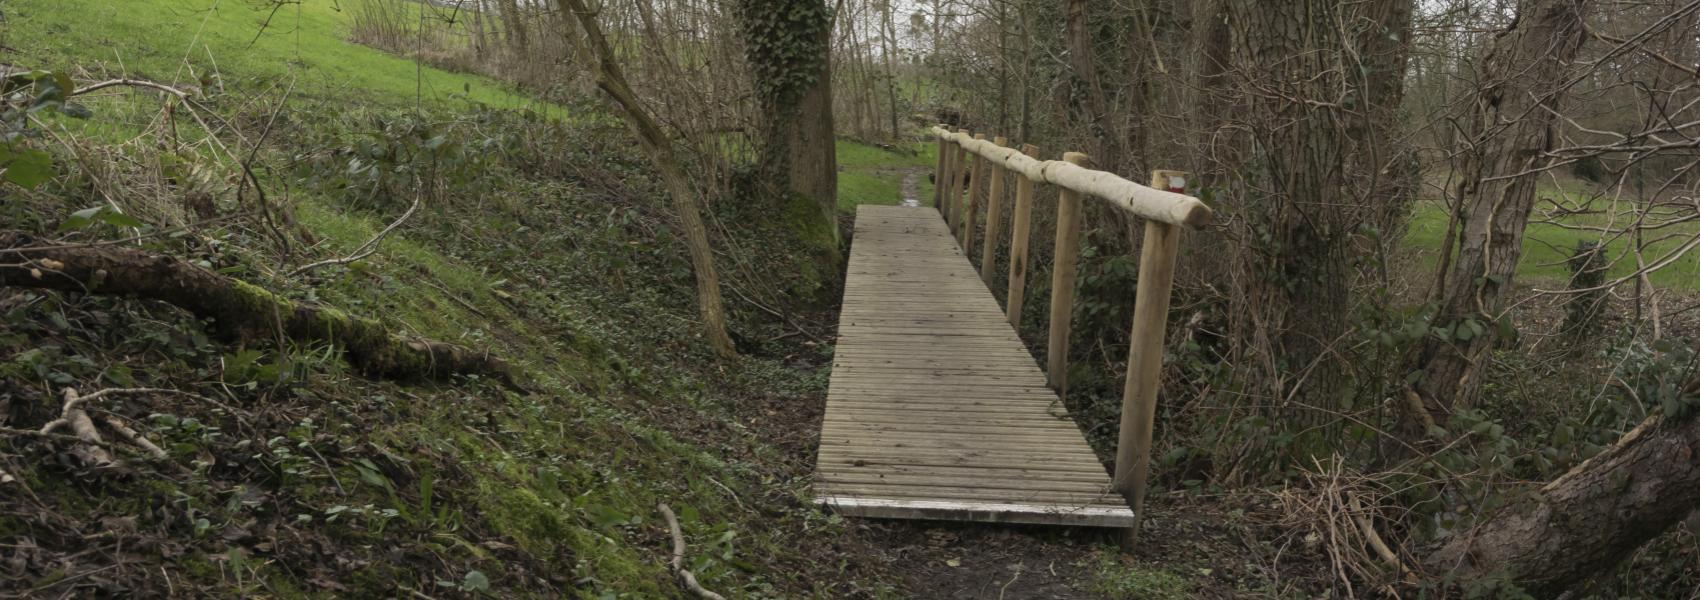 houten brugje tussen de bomen